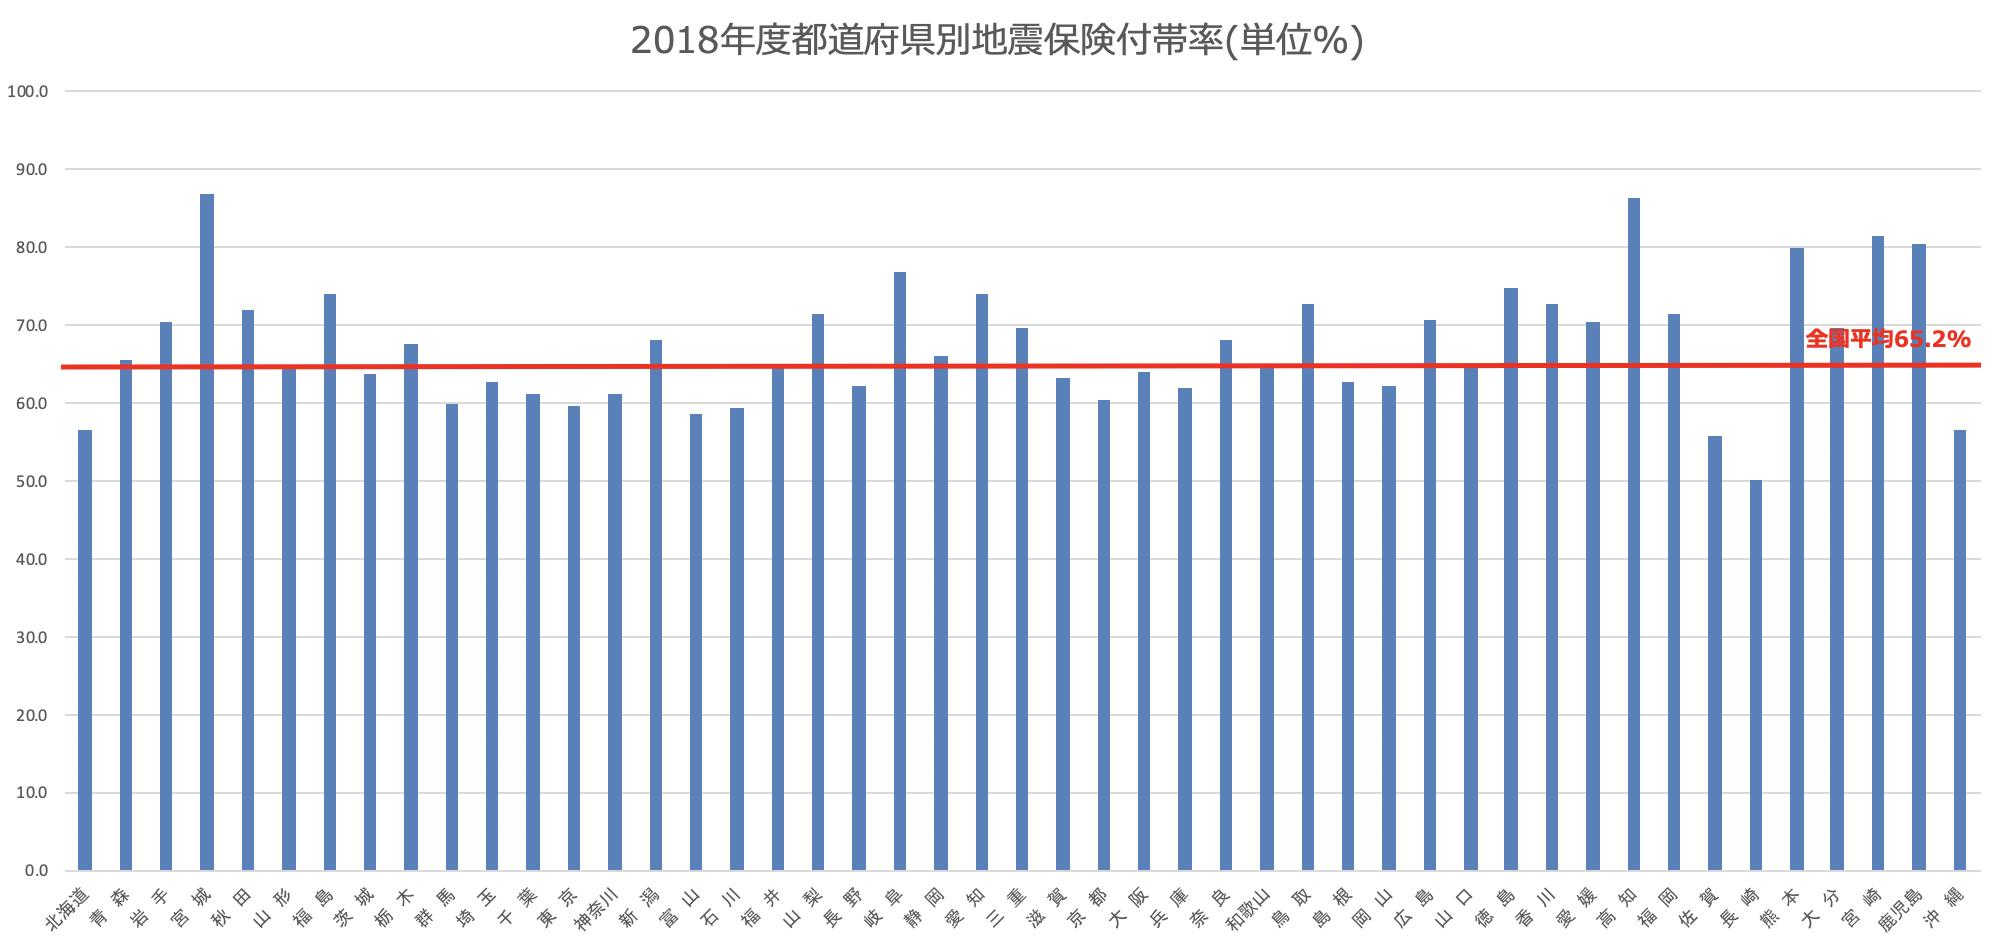 都道府県別地震保険付帯率